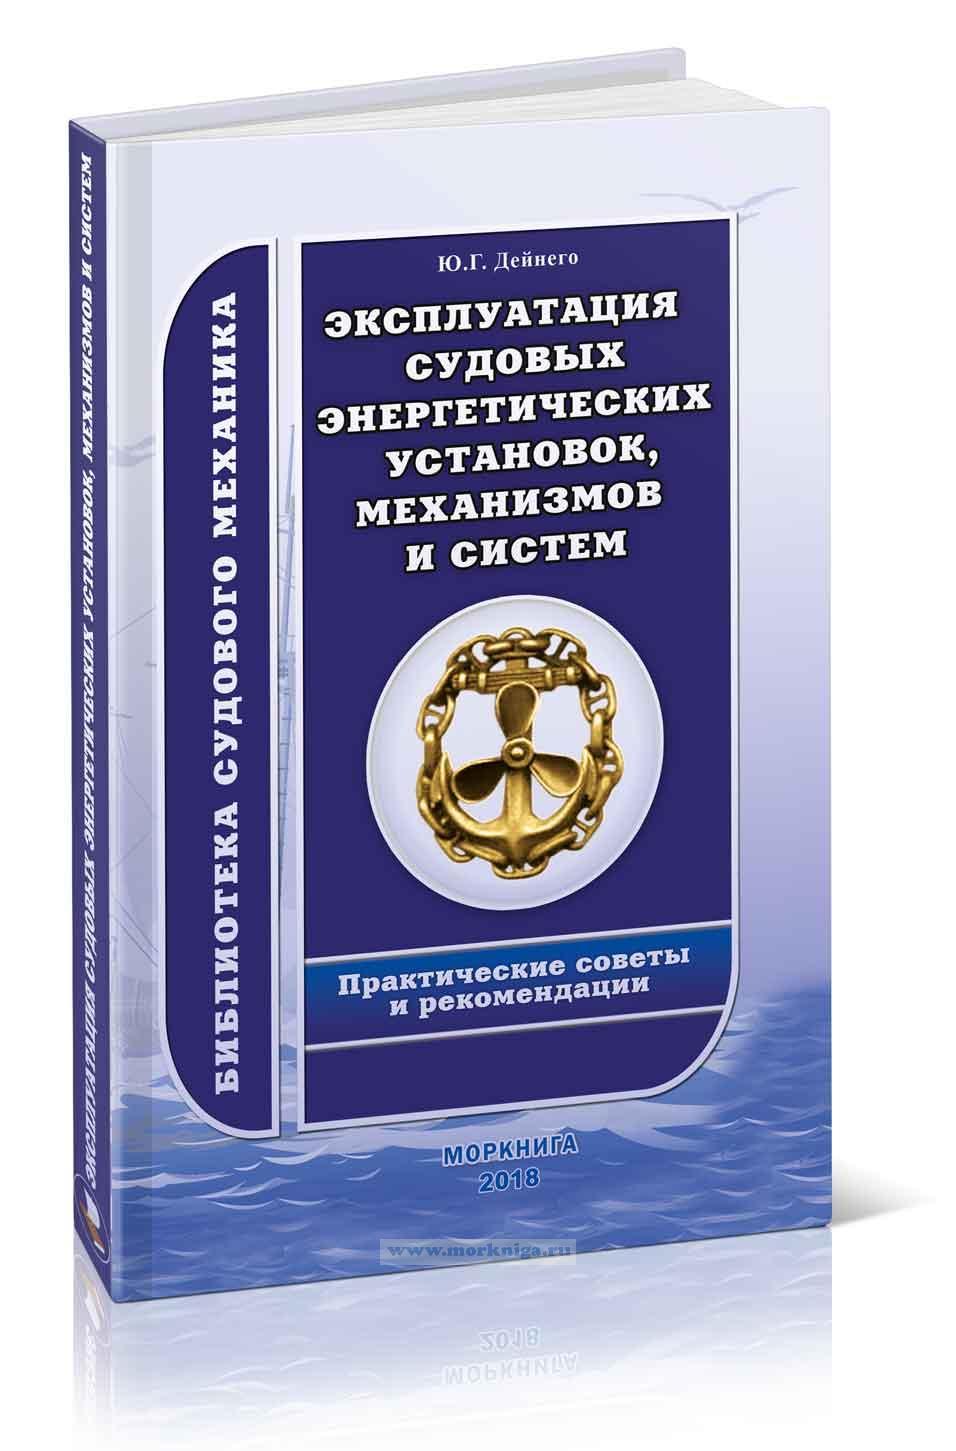 Эксплуатация судовых энергетических установок, механизмов и систем. Практические советы и рекомендации